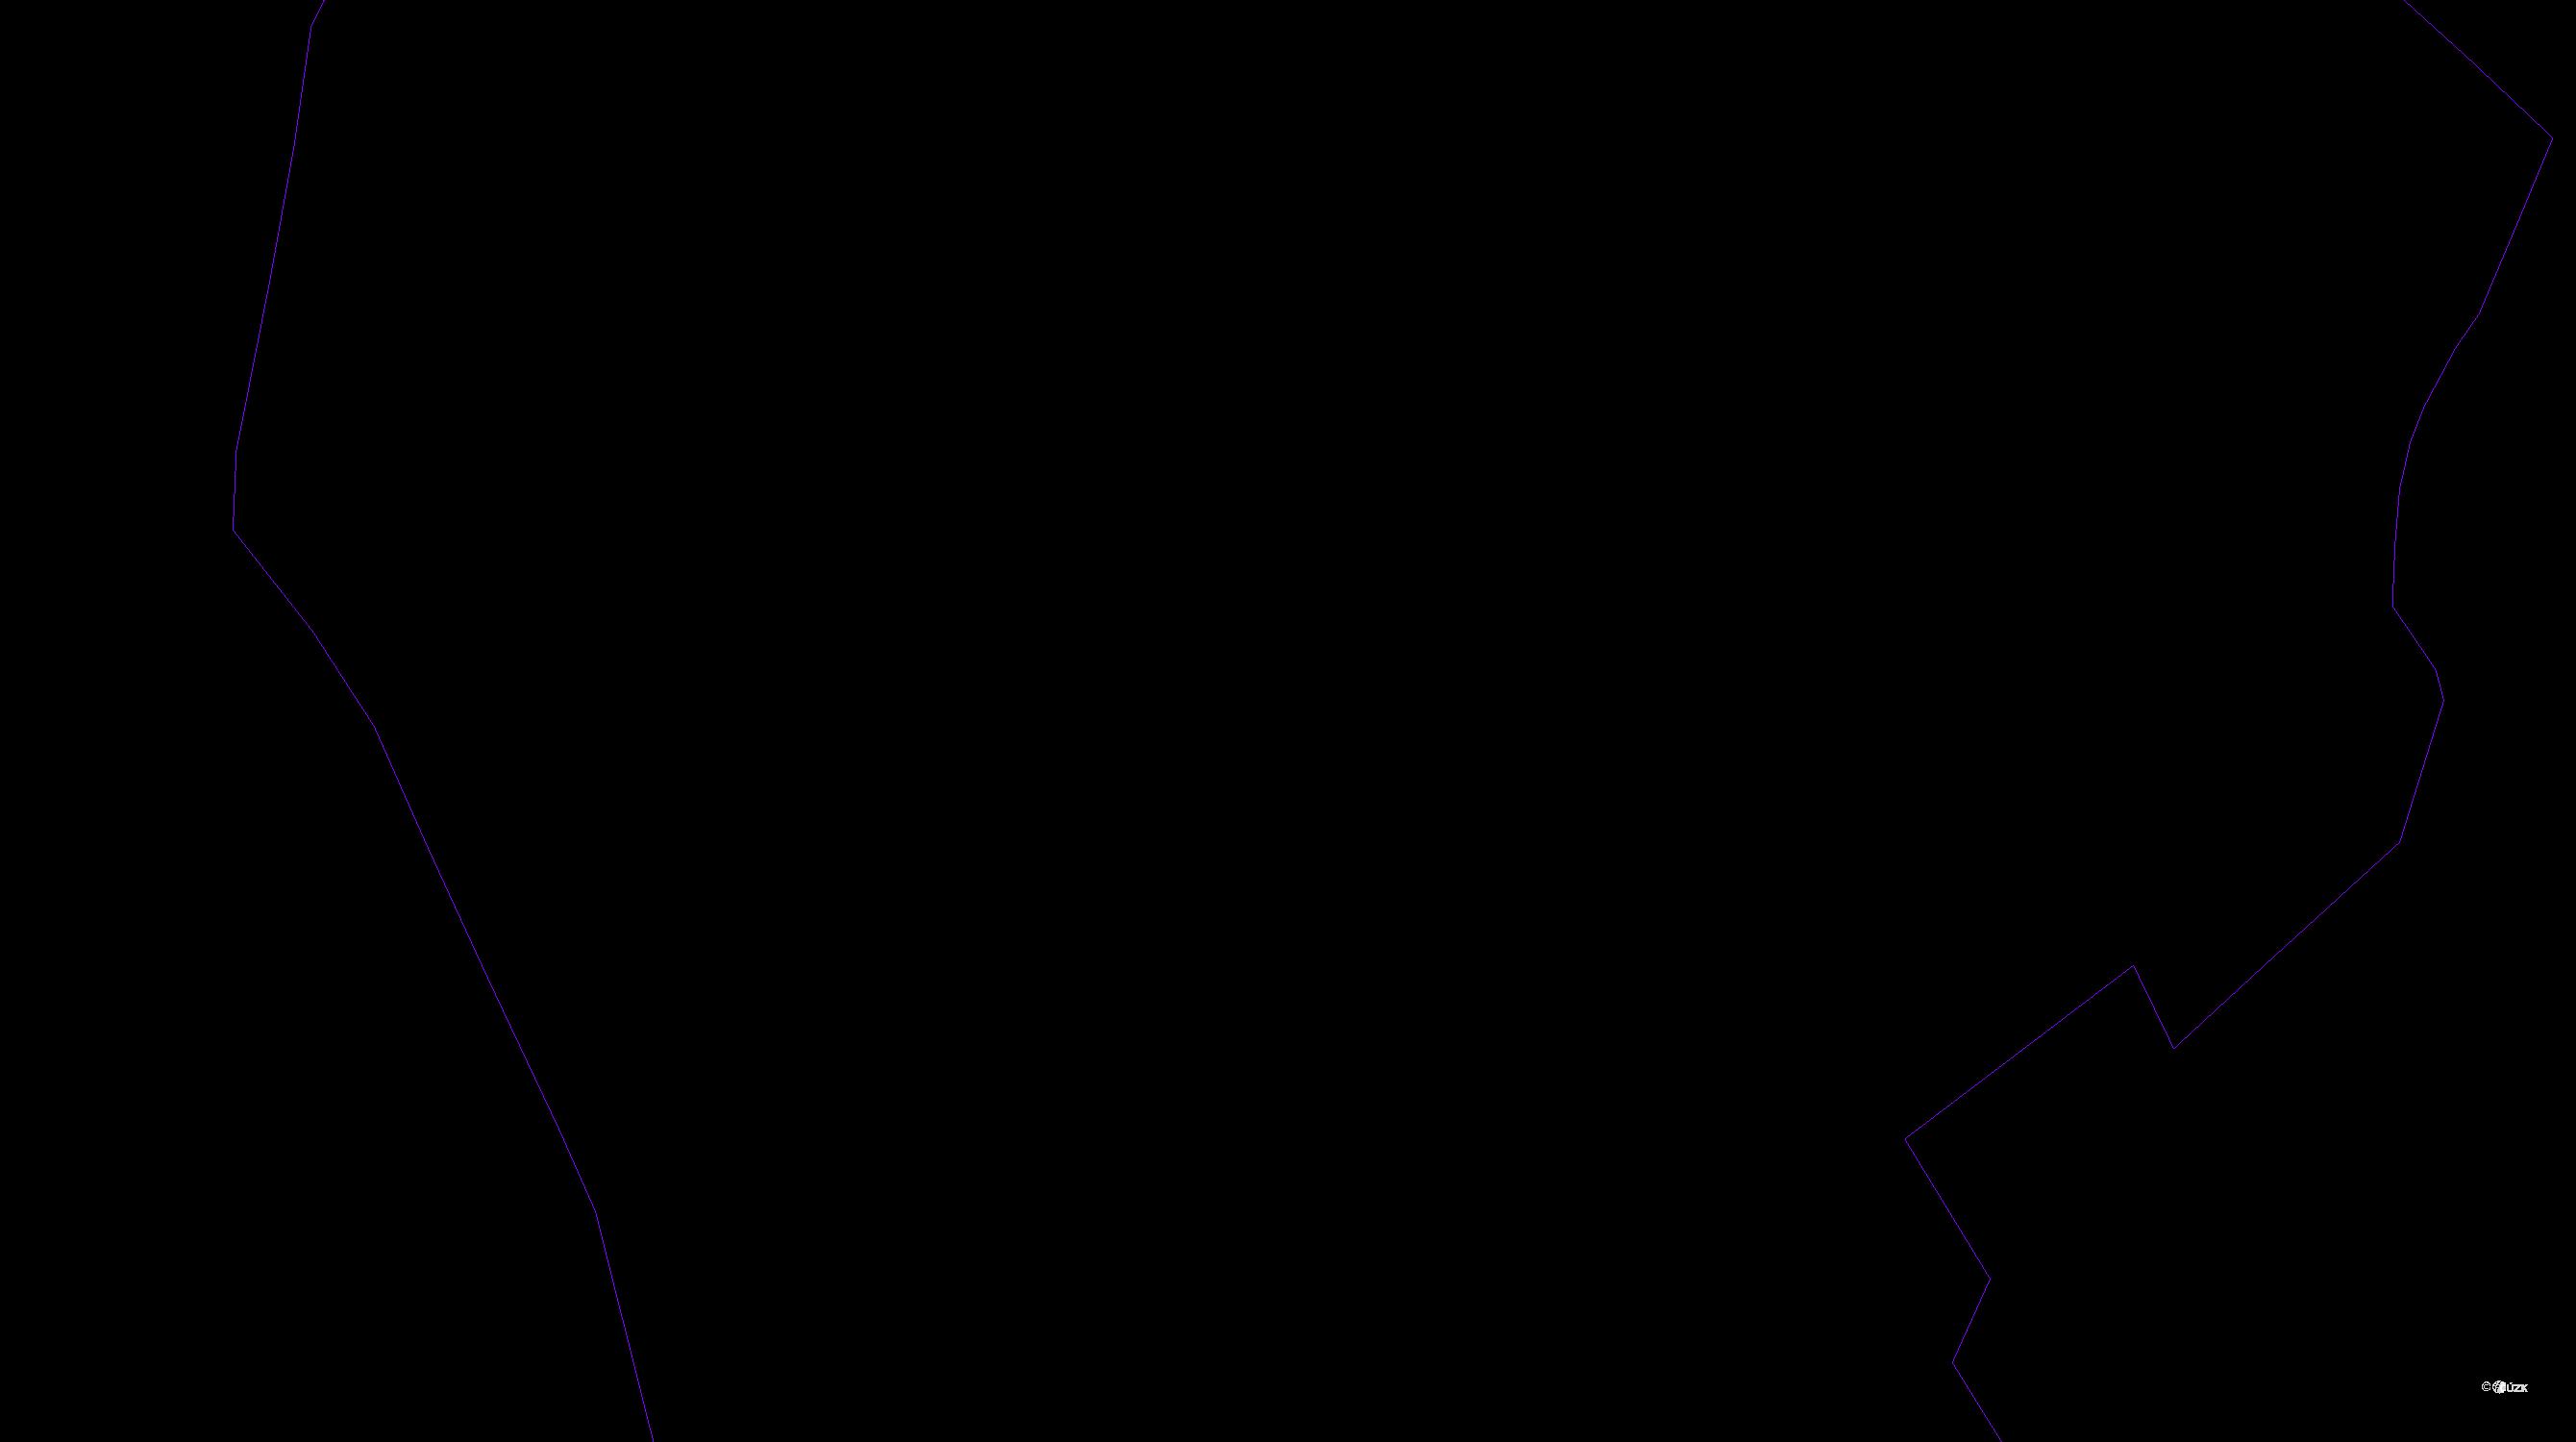 Katastrální mapa pozemků a čísla parcel Malá Čermná